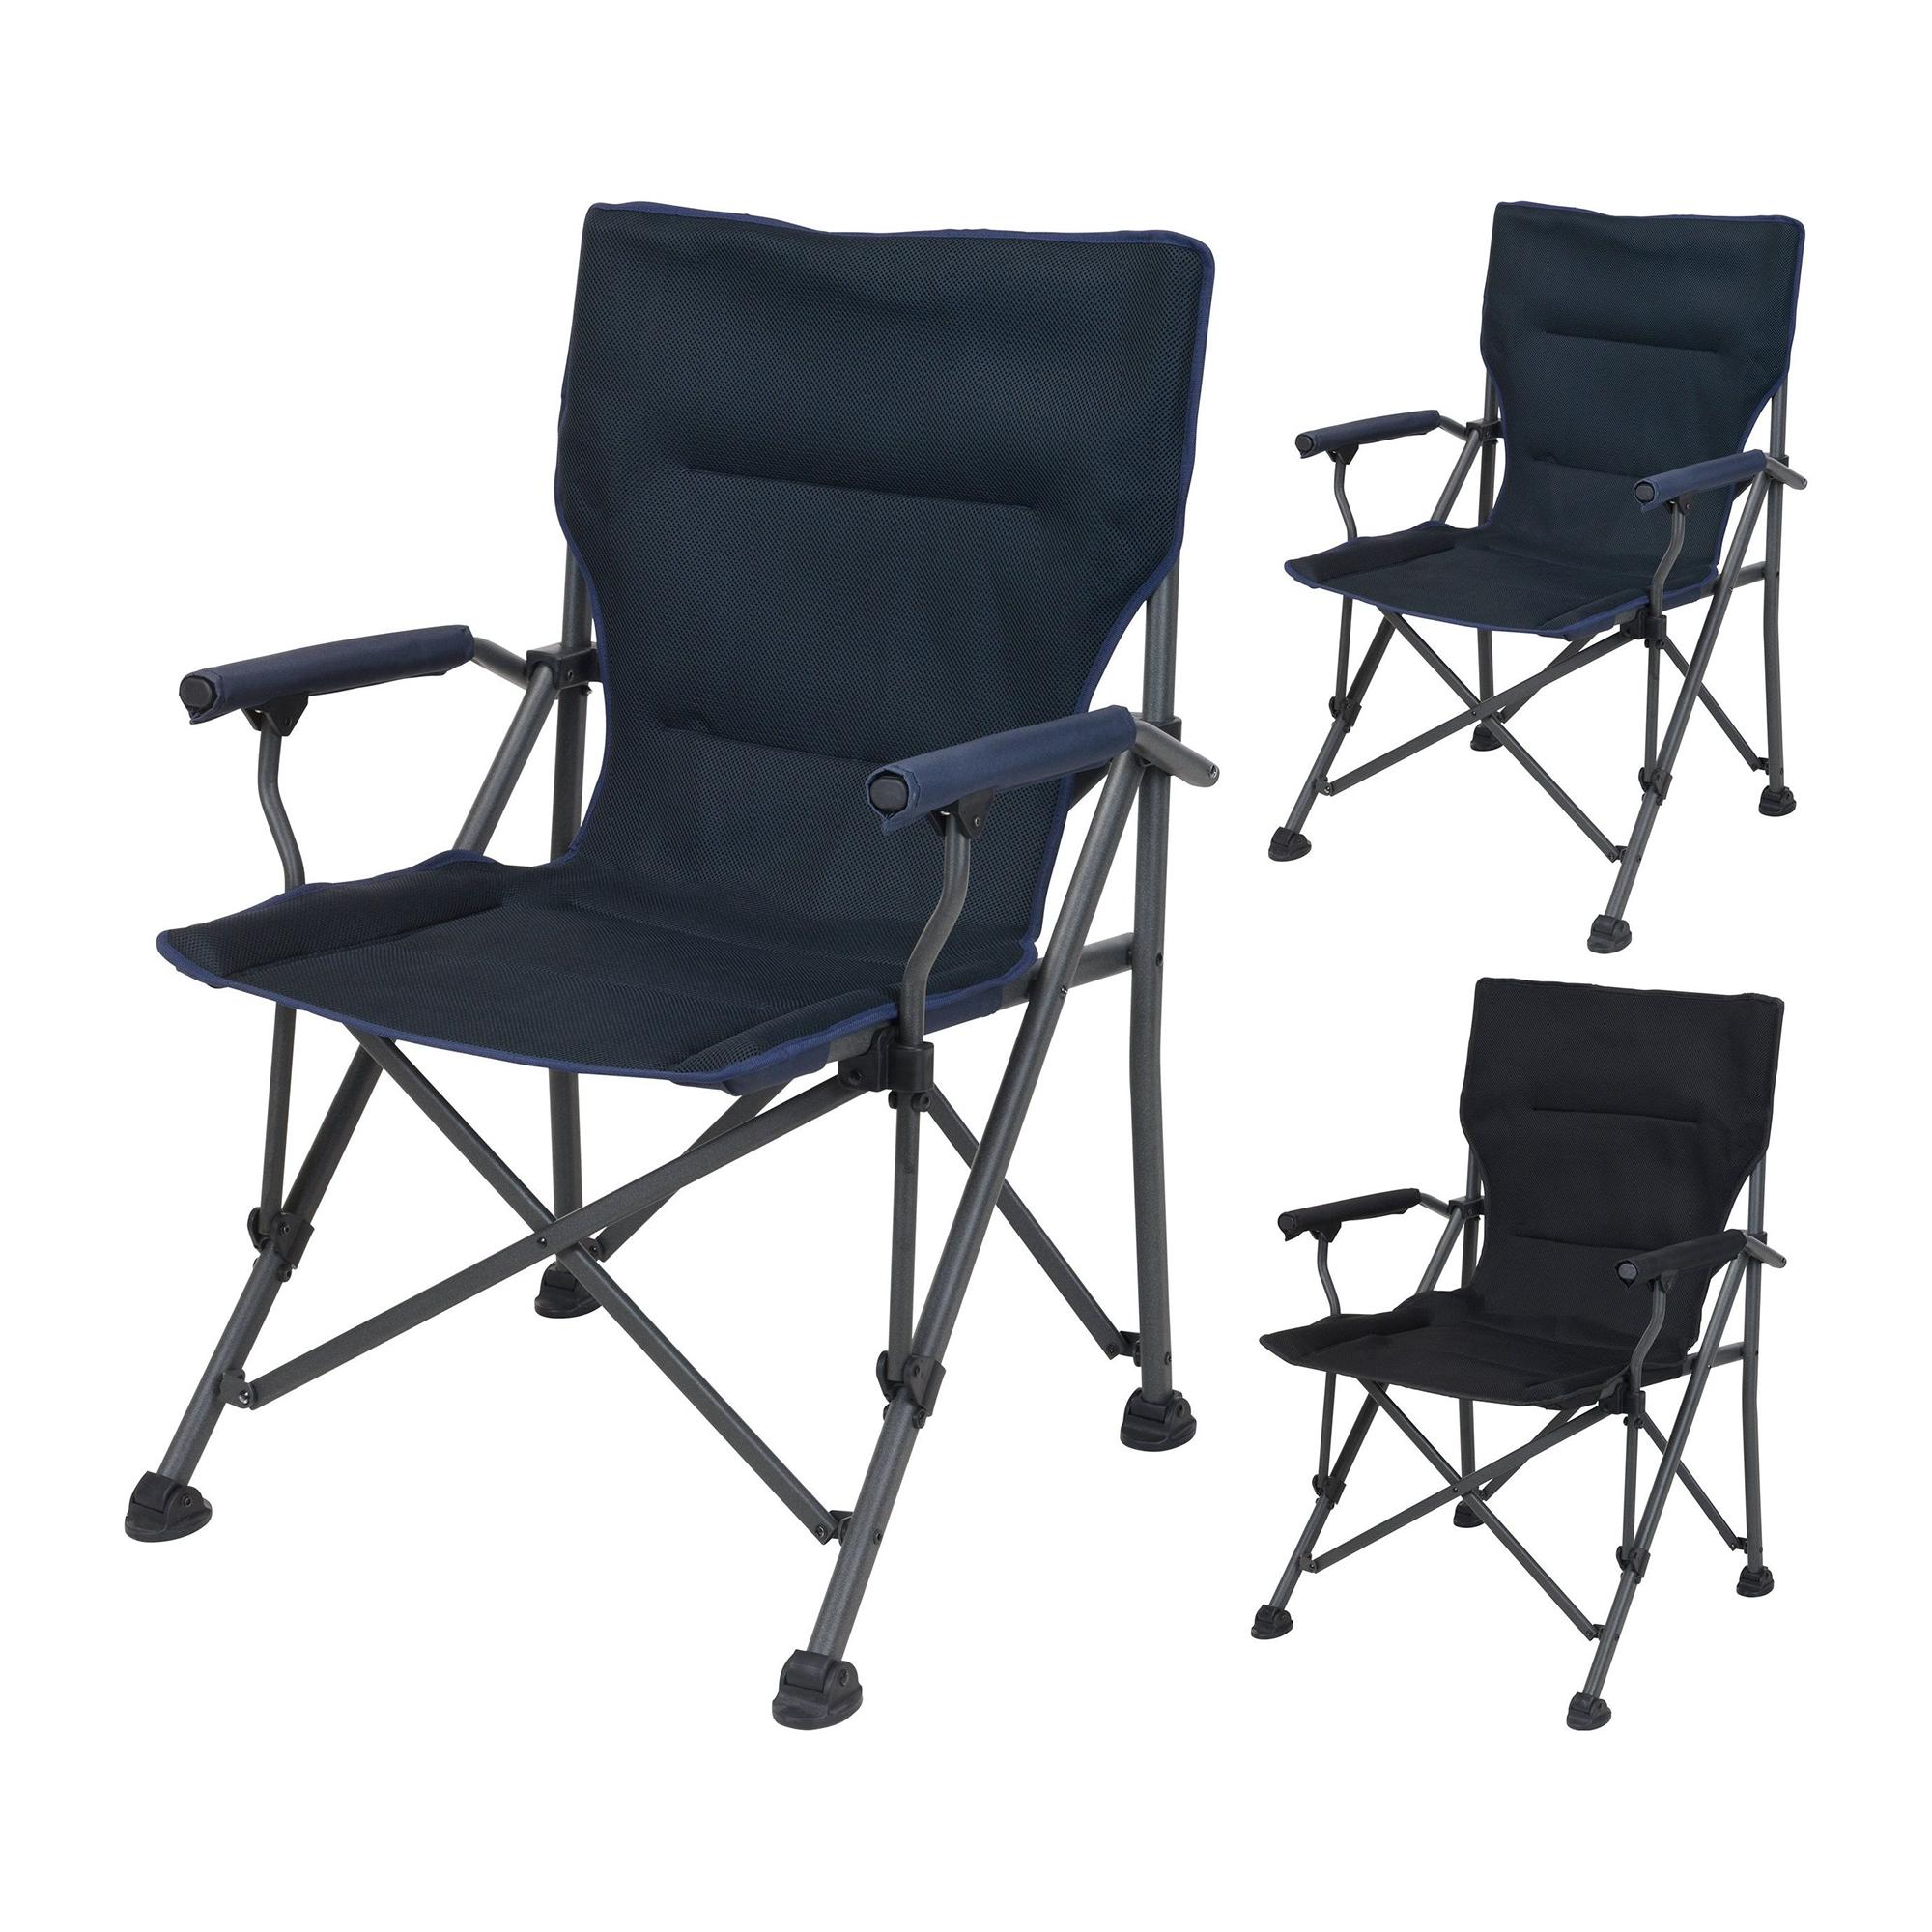 Складное кресло для кемпинга Koopman camping 90x47,5x48,5 см кресло camping world dreamer класса premium blue